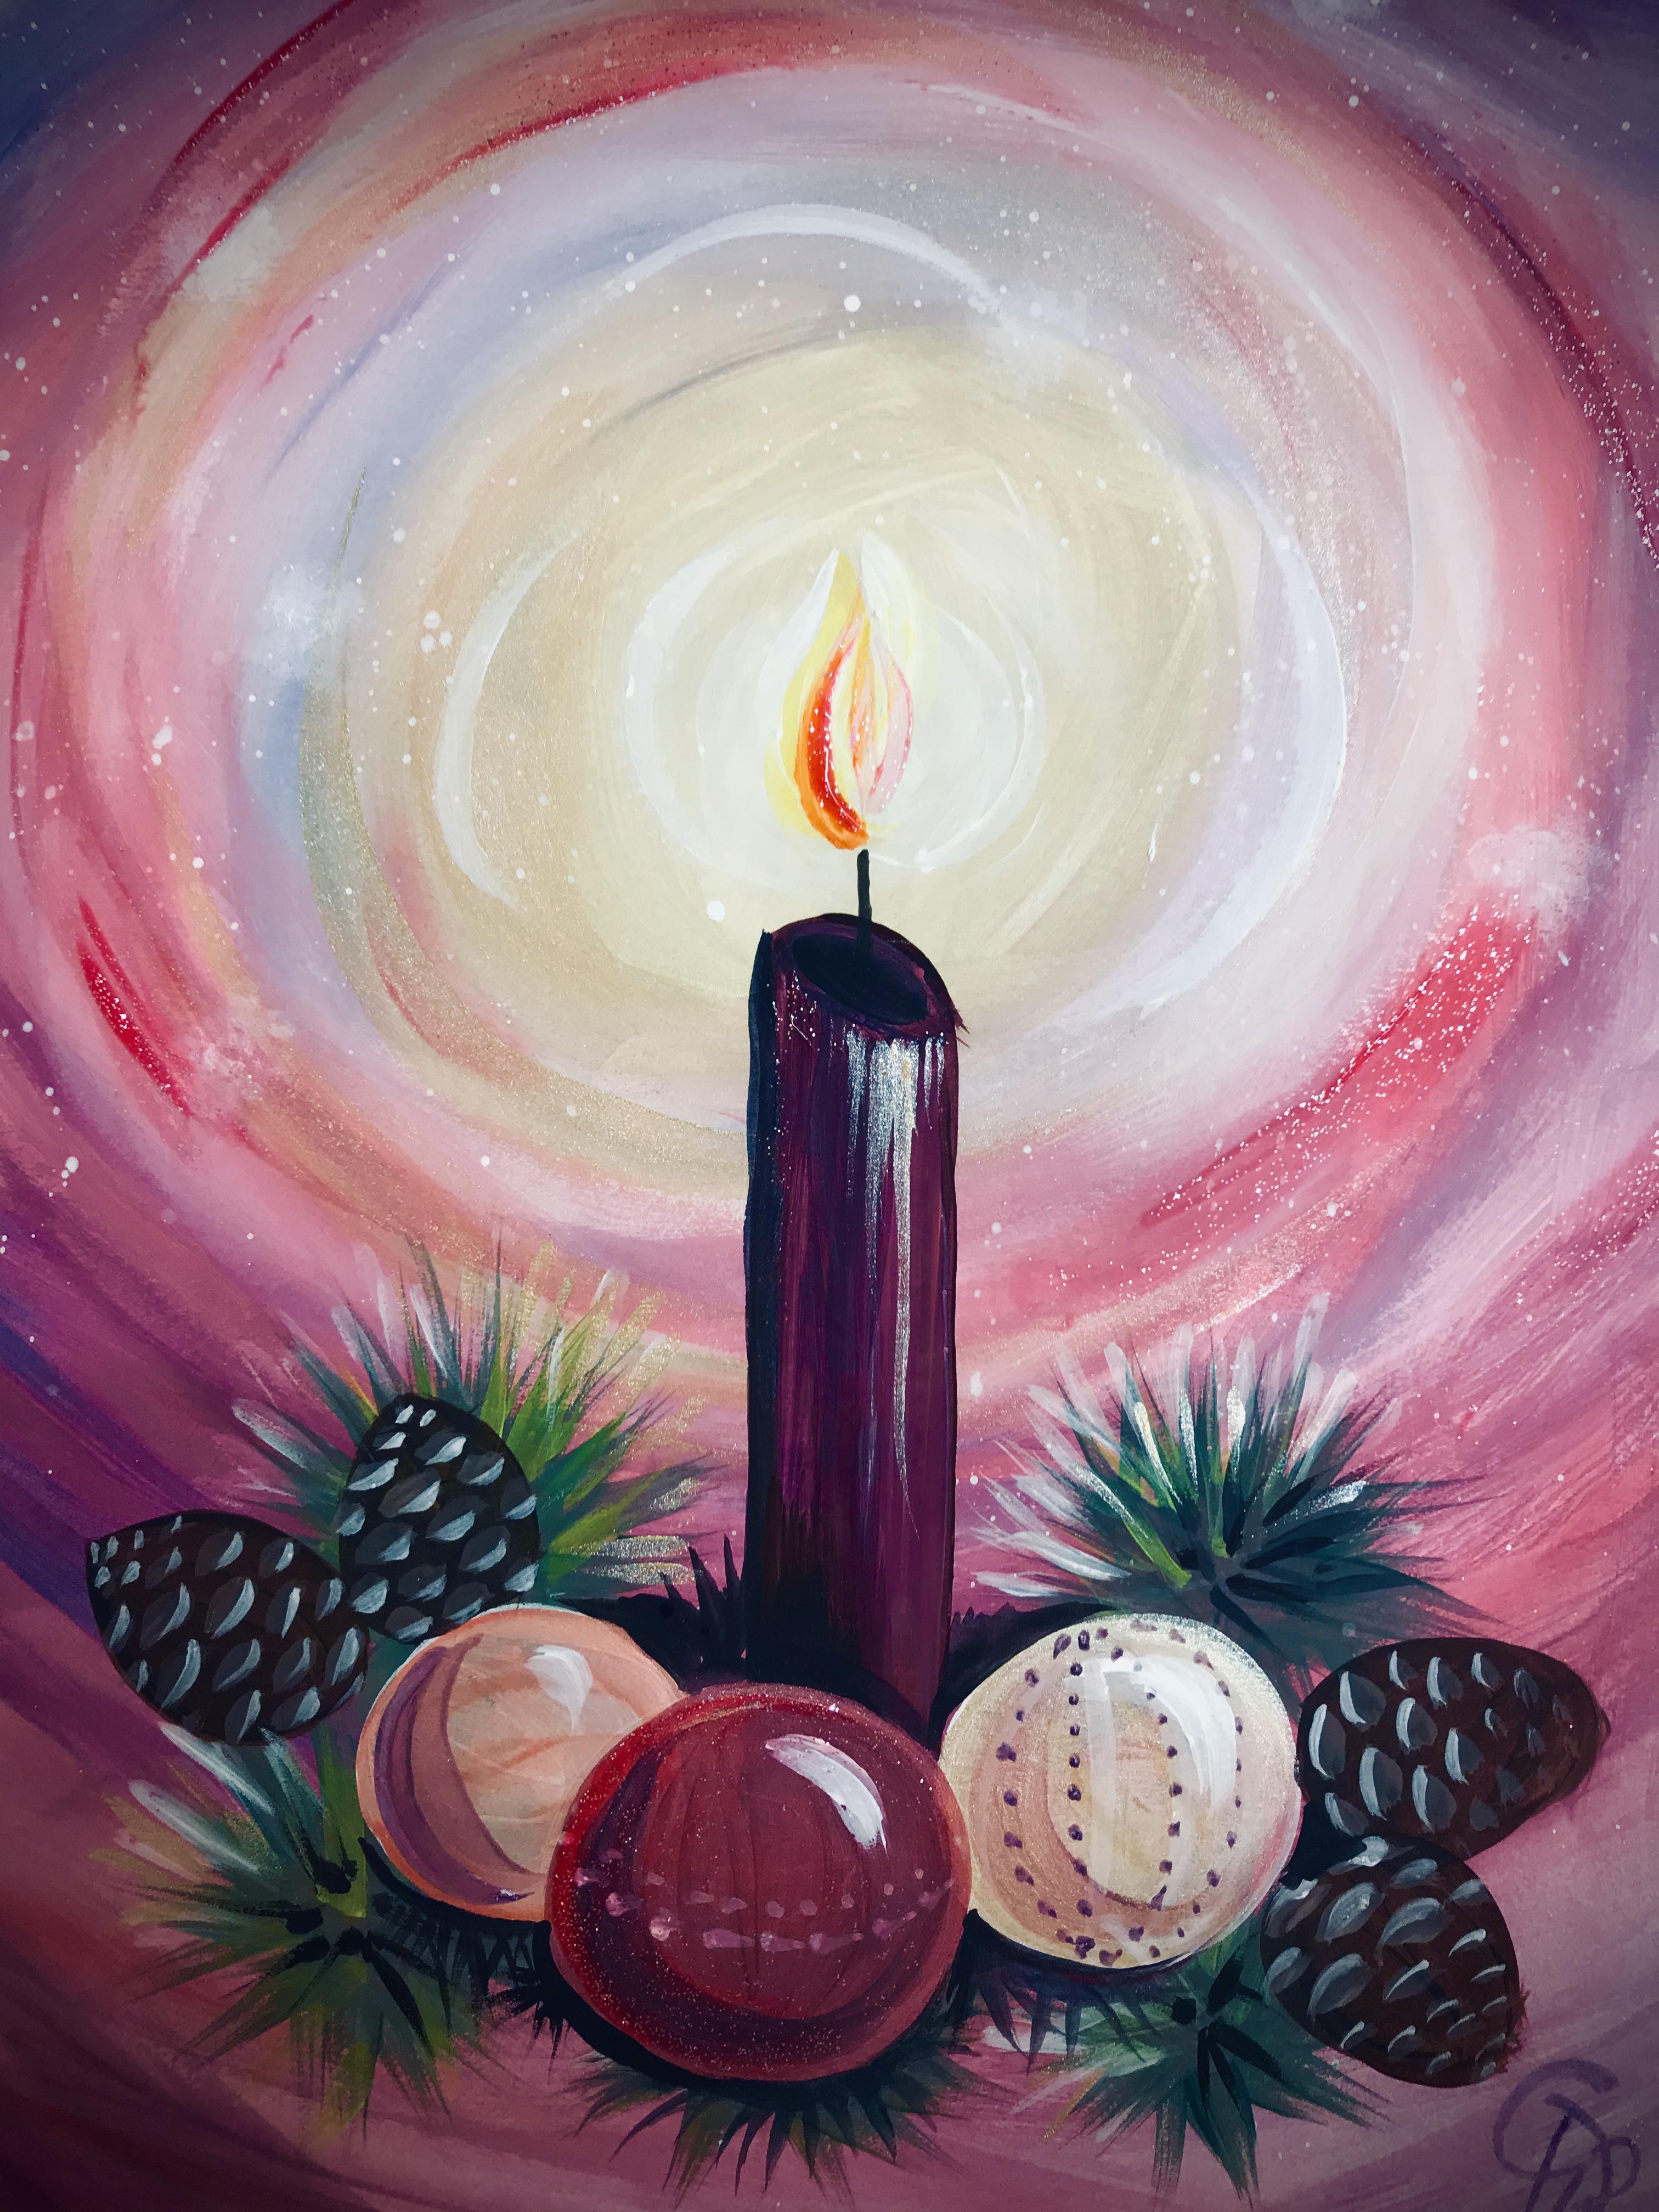 Xmas Candlelight